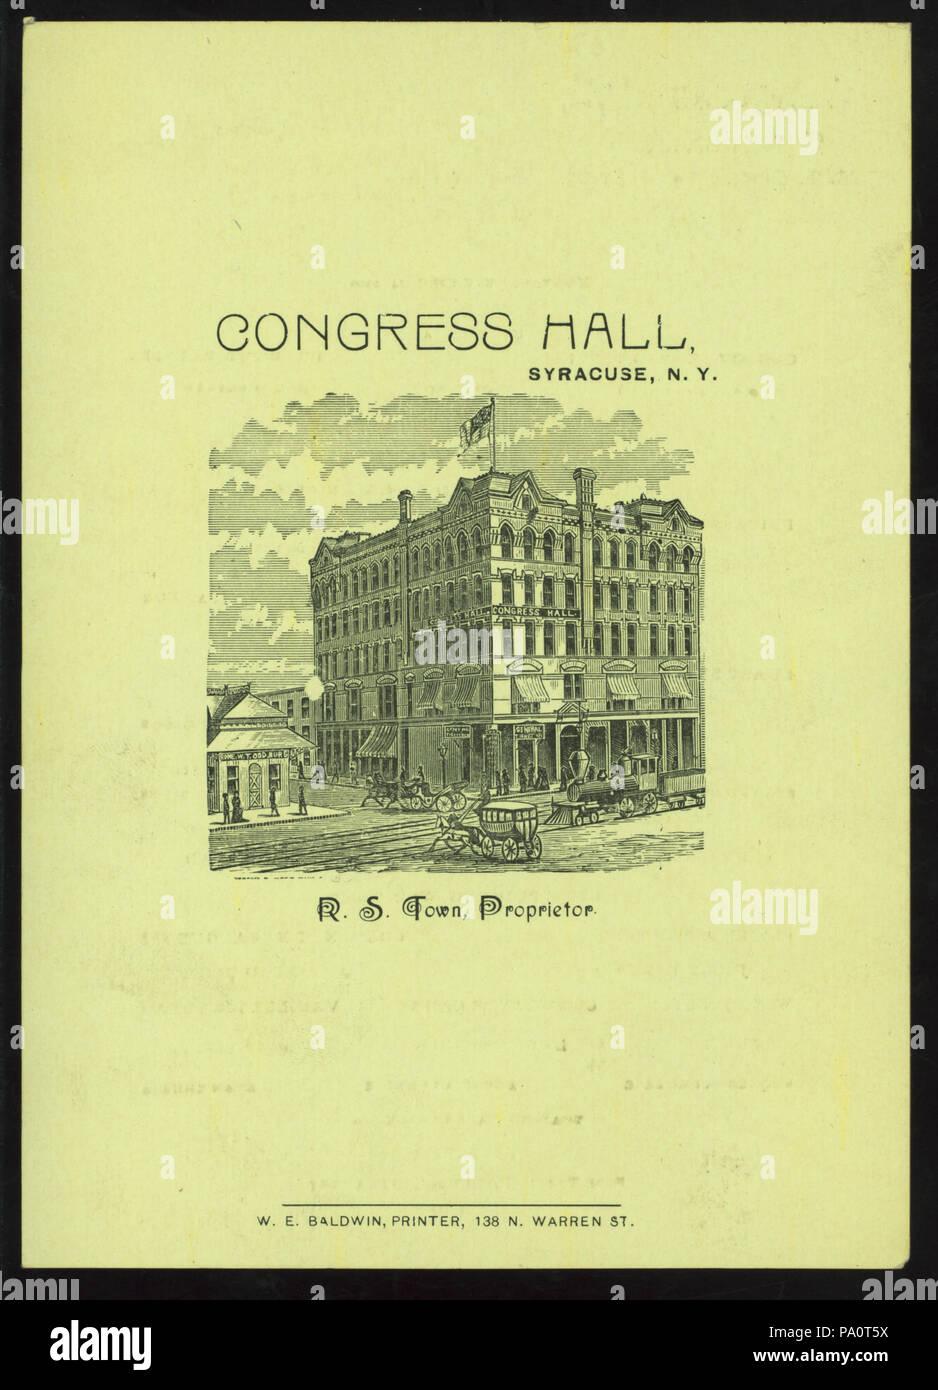 538 DINNER (held by) CONGRESS HALL (at) SYRACUSE NY (HOTEL;) (NYPL Hades-275228-476327) - Stock Image